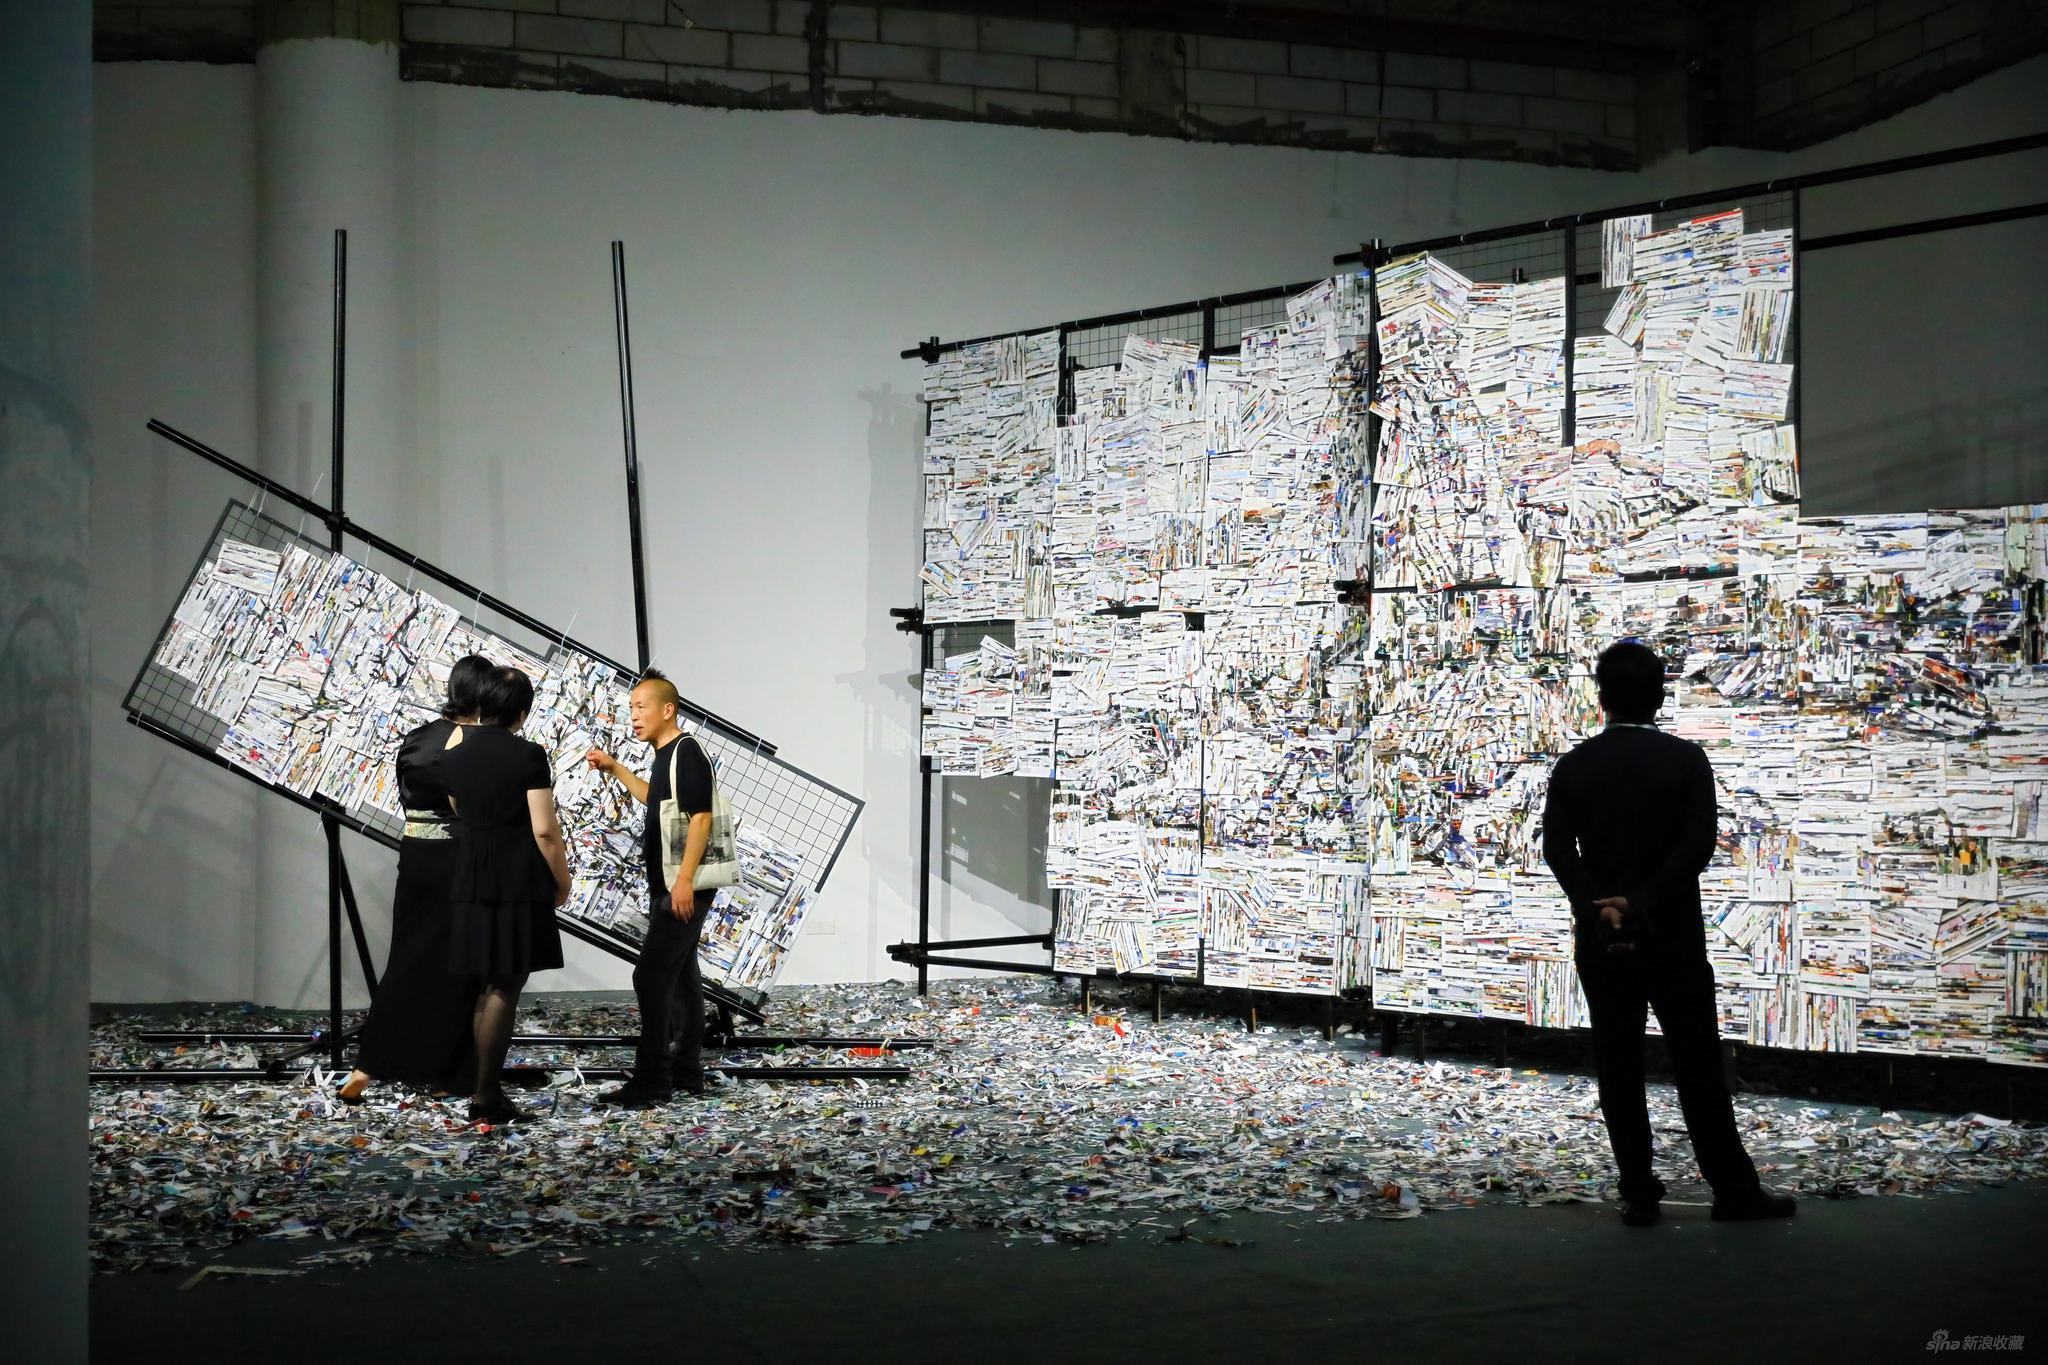 《移山》李枪,2020,6mX3.5m